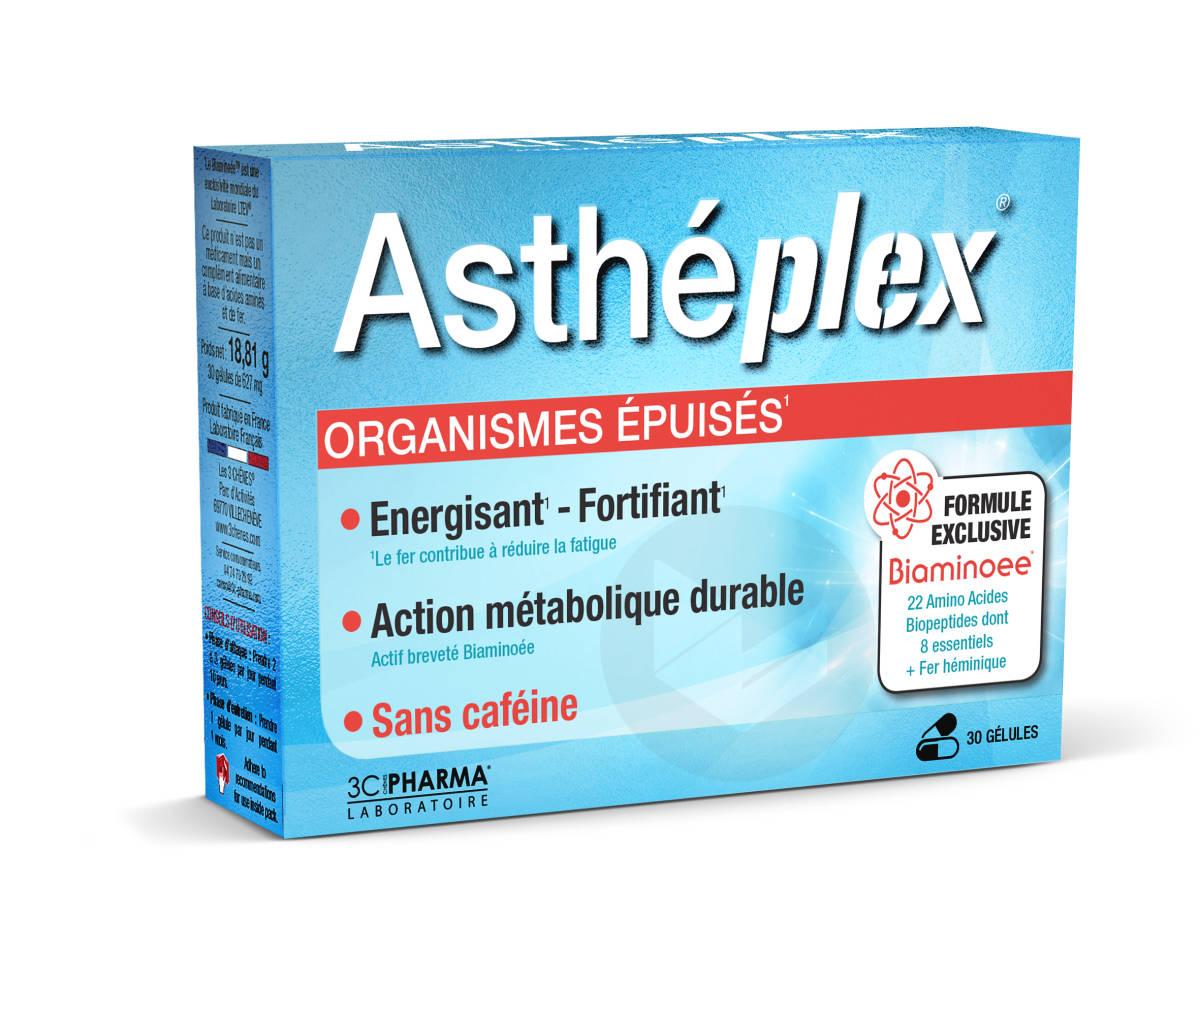 Astheplex 30 gélules